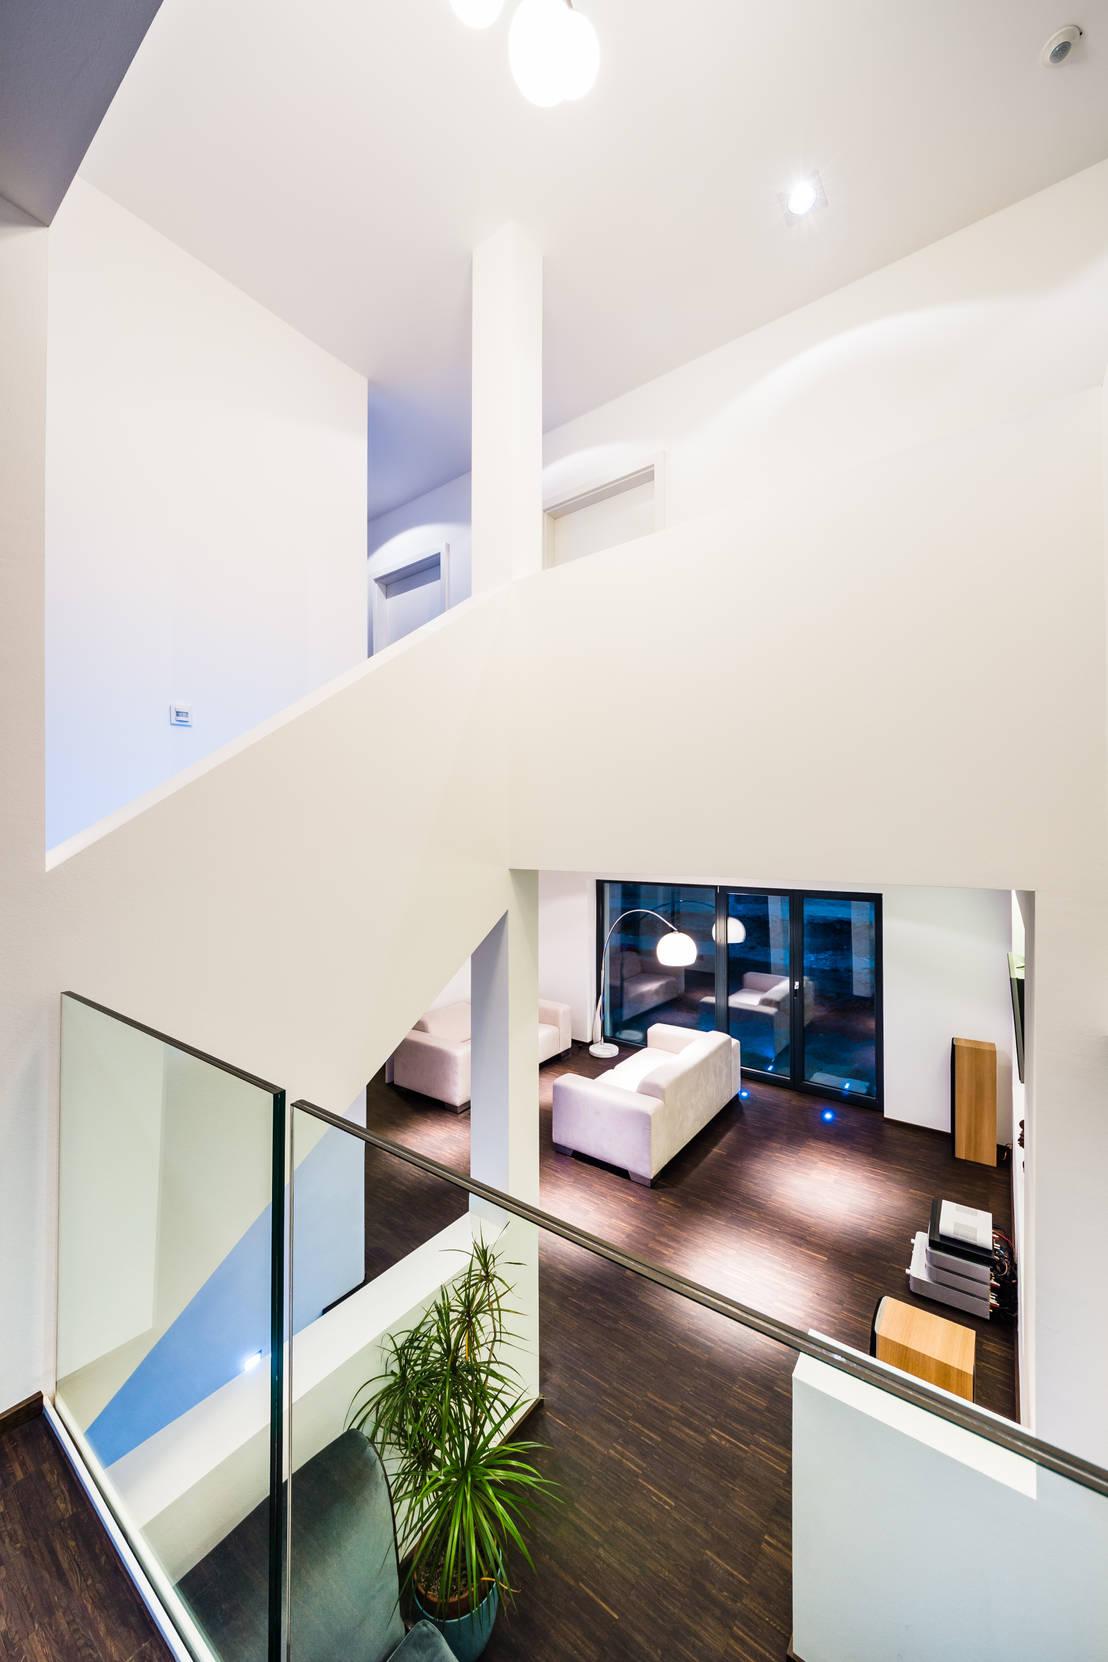 Collage cubes doppelhaus in malchen von helwig haus und for Raum planungs software